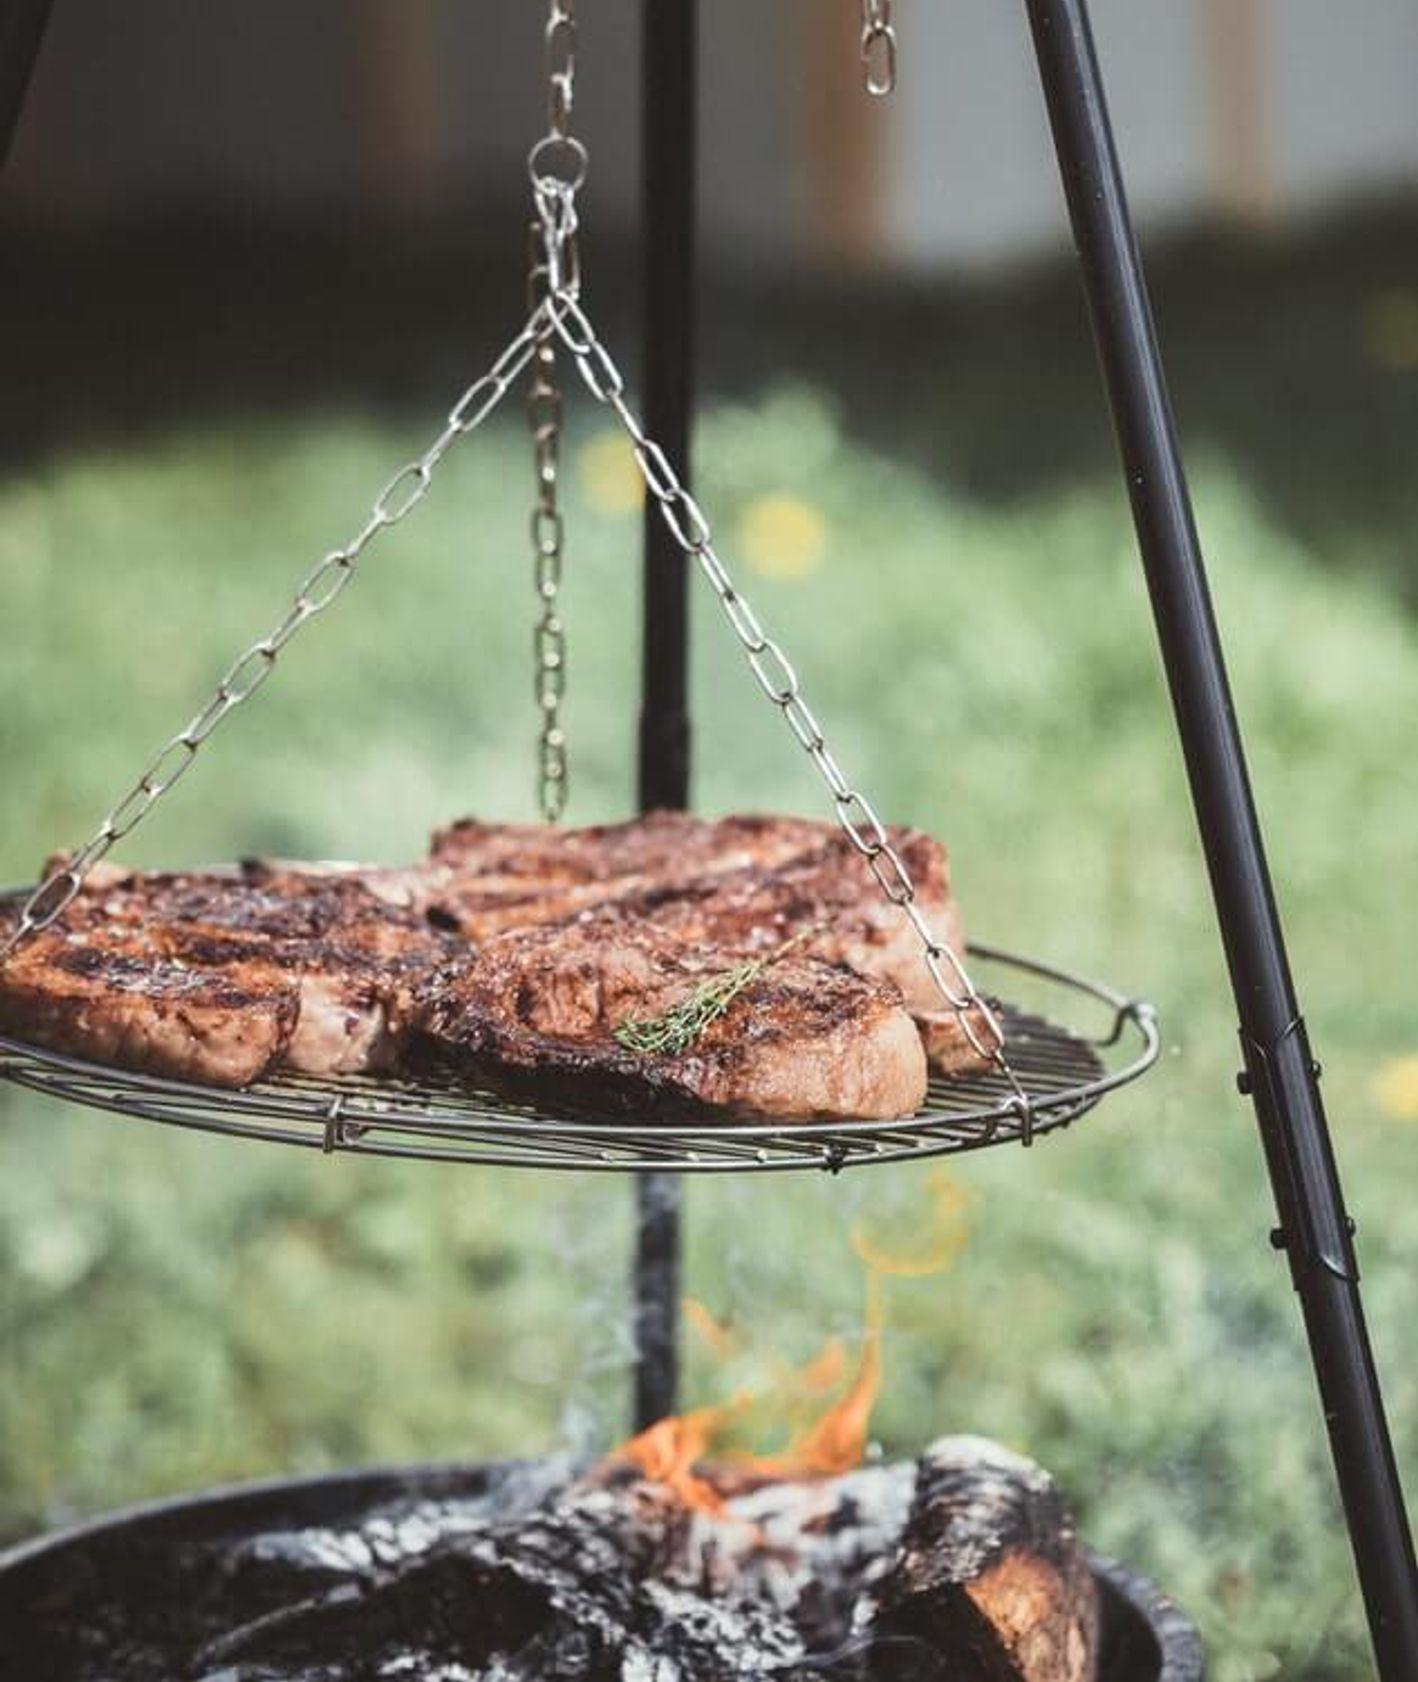 grillowane steki, grillowanie, grill, czerwone mięso – jeść czy nie, czy mięso jest zdrowe